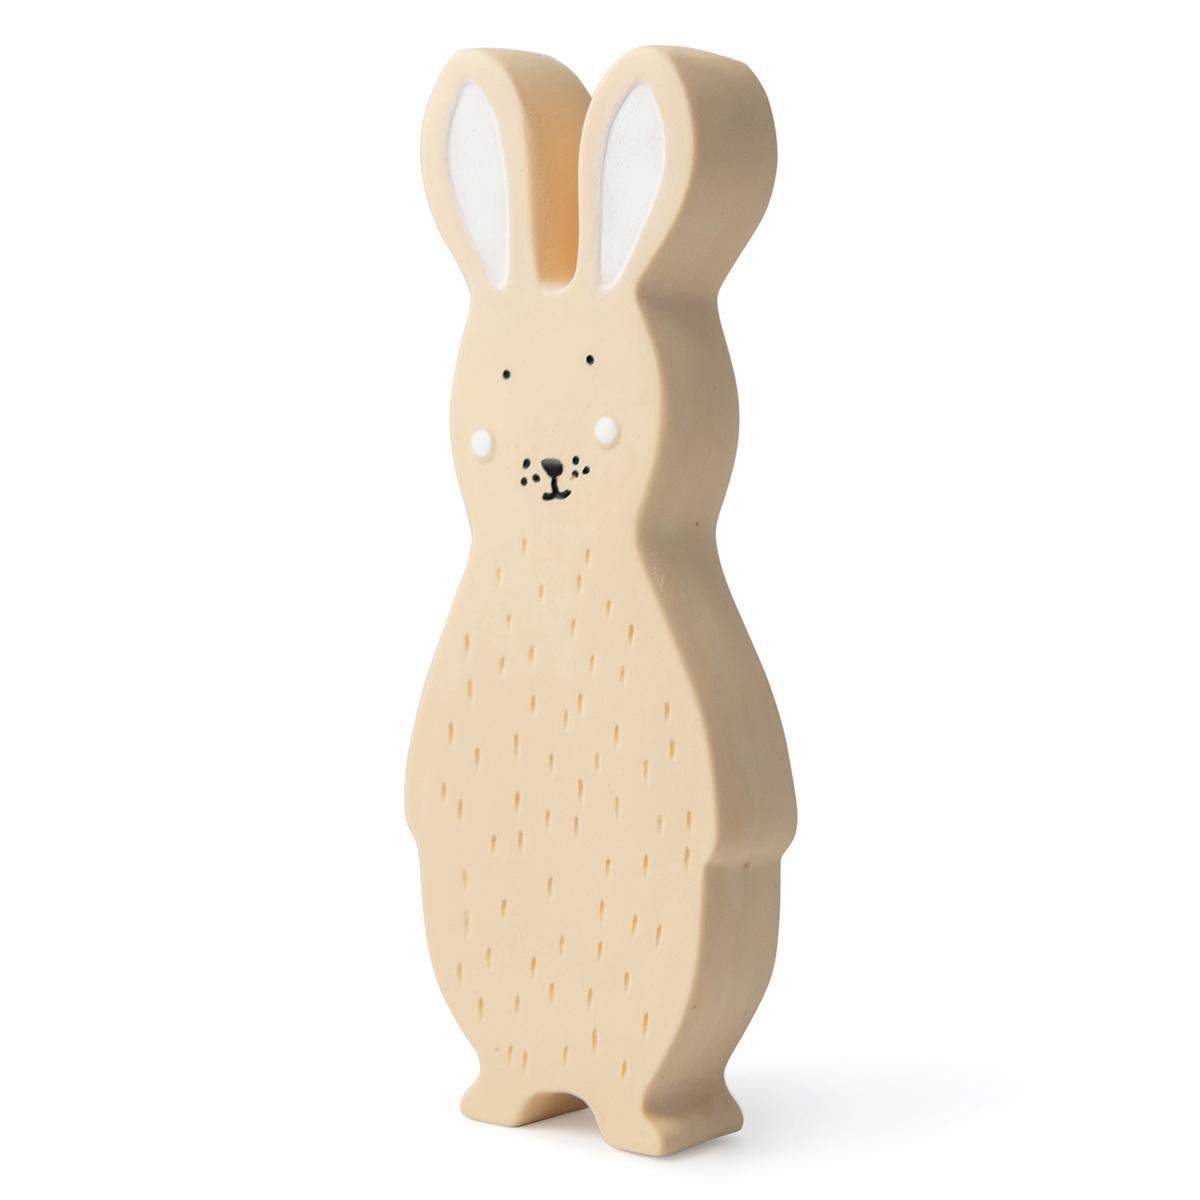 Dentition Jouet en Caoutchouc Naturel - Mrs. Rabbit Jouet en Caoutchouc Naturel - Mrs. Rabbit